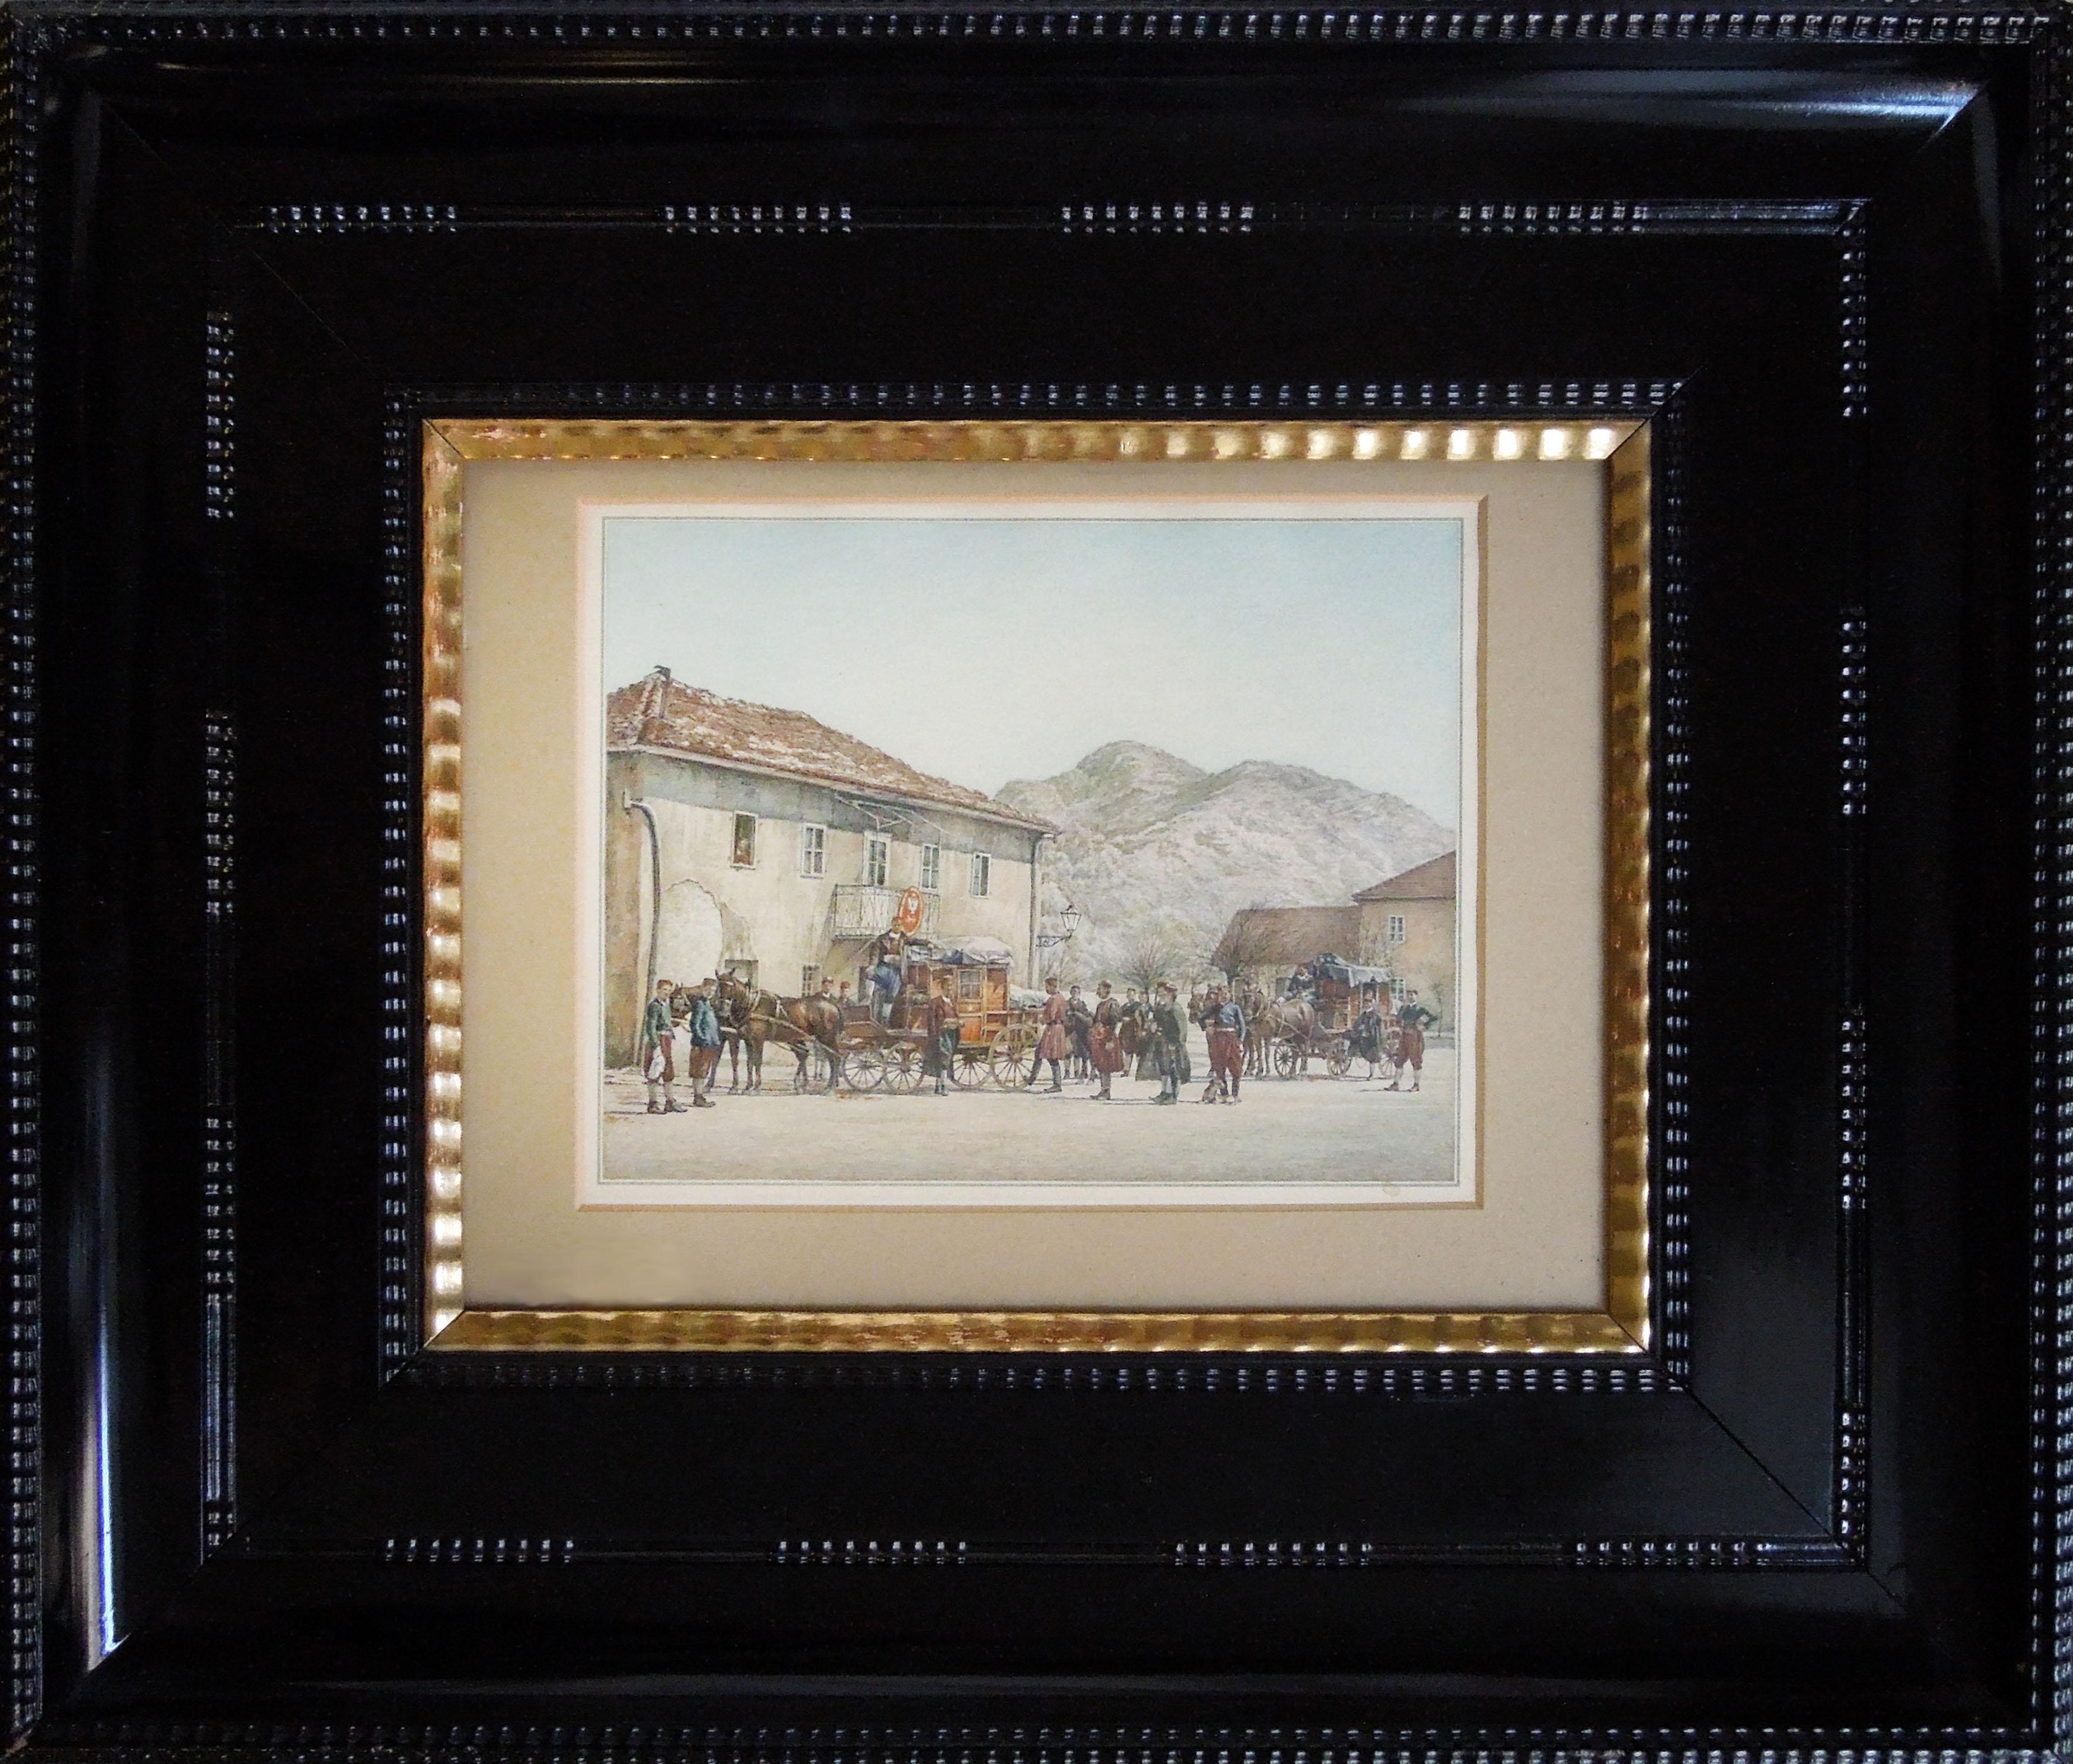 Před poštovním úřadem v Cetinje, Černá Hora